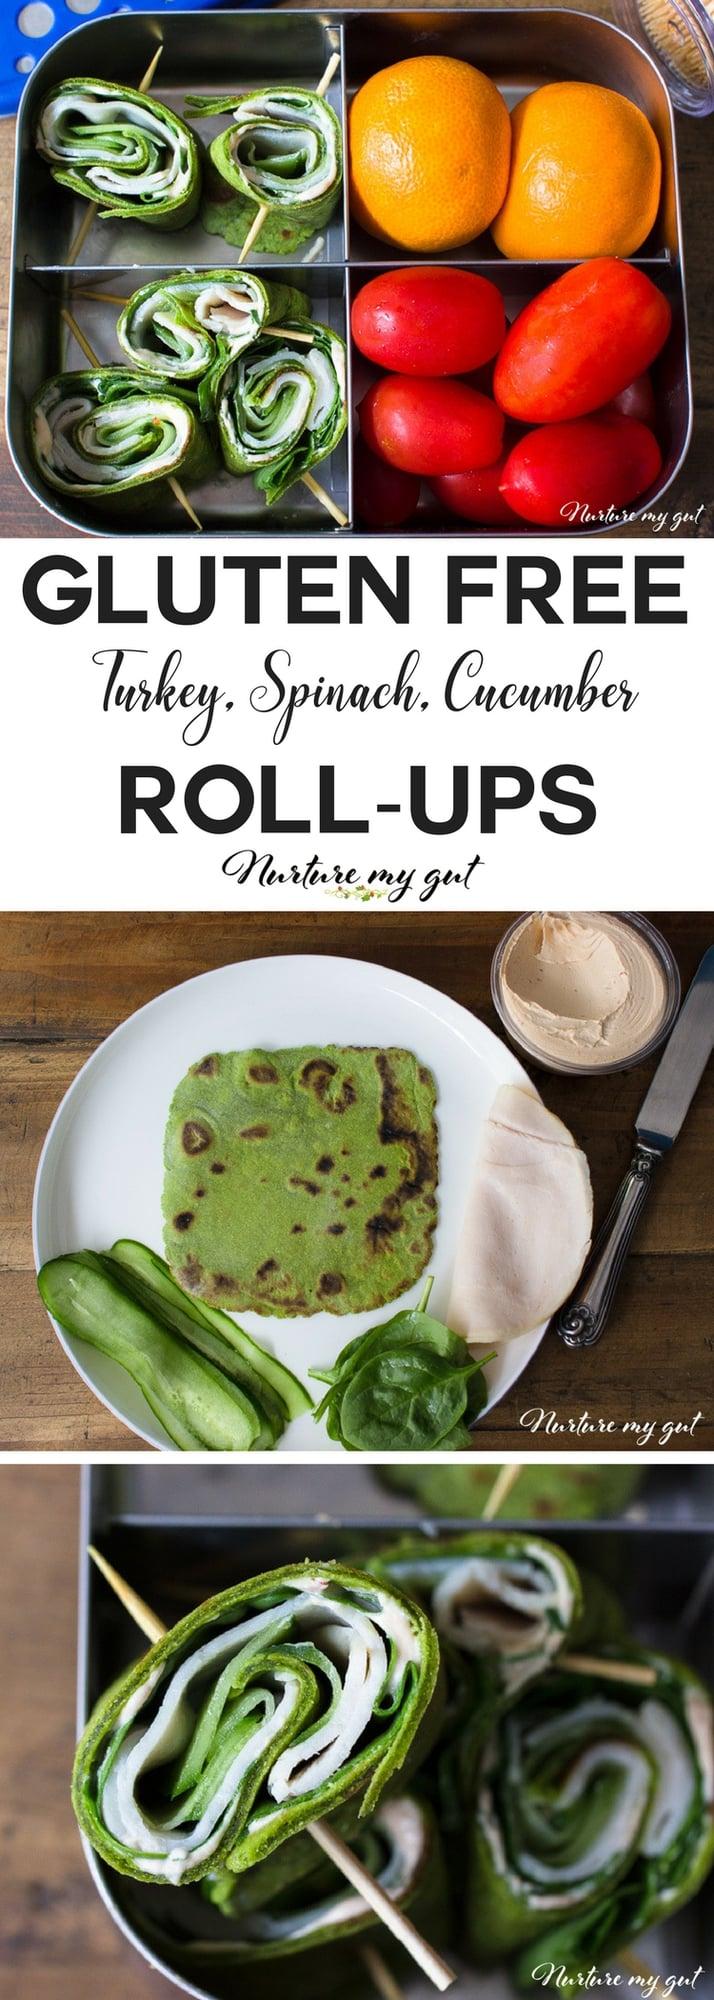 Gluten Free Turkey Spinach Cucumber Roll Ups